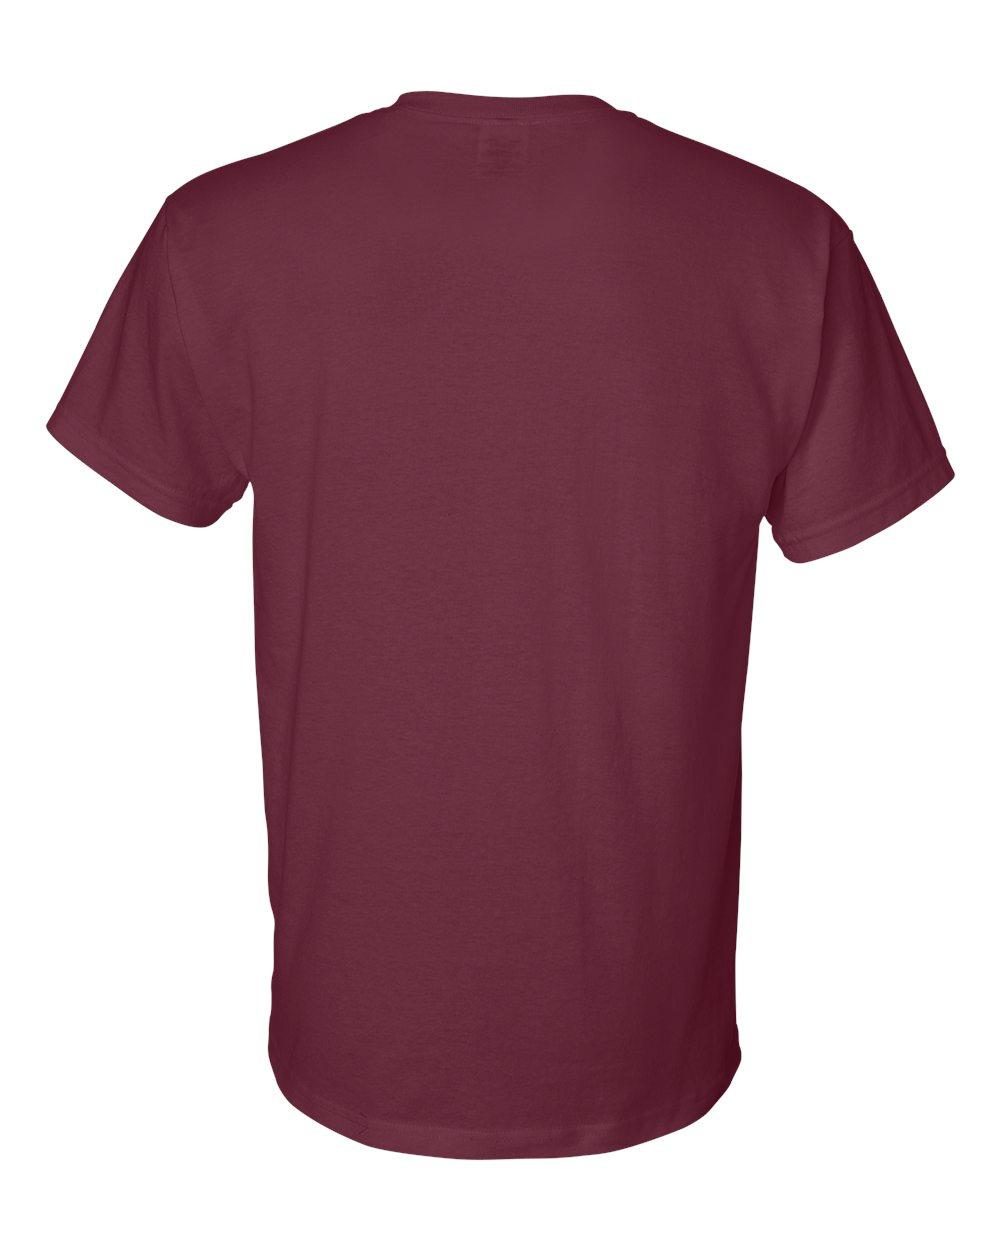 Gildan-Mens-DryBlend-5-6-oz-50-50-T-Shirt-G800-Size-S-5XL thumbnail 57